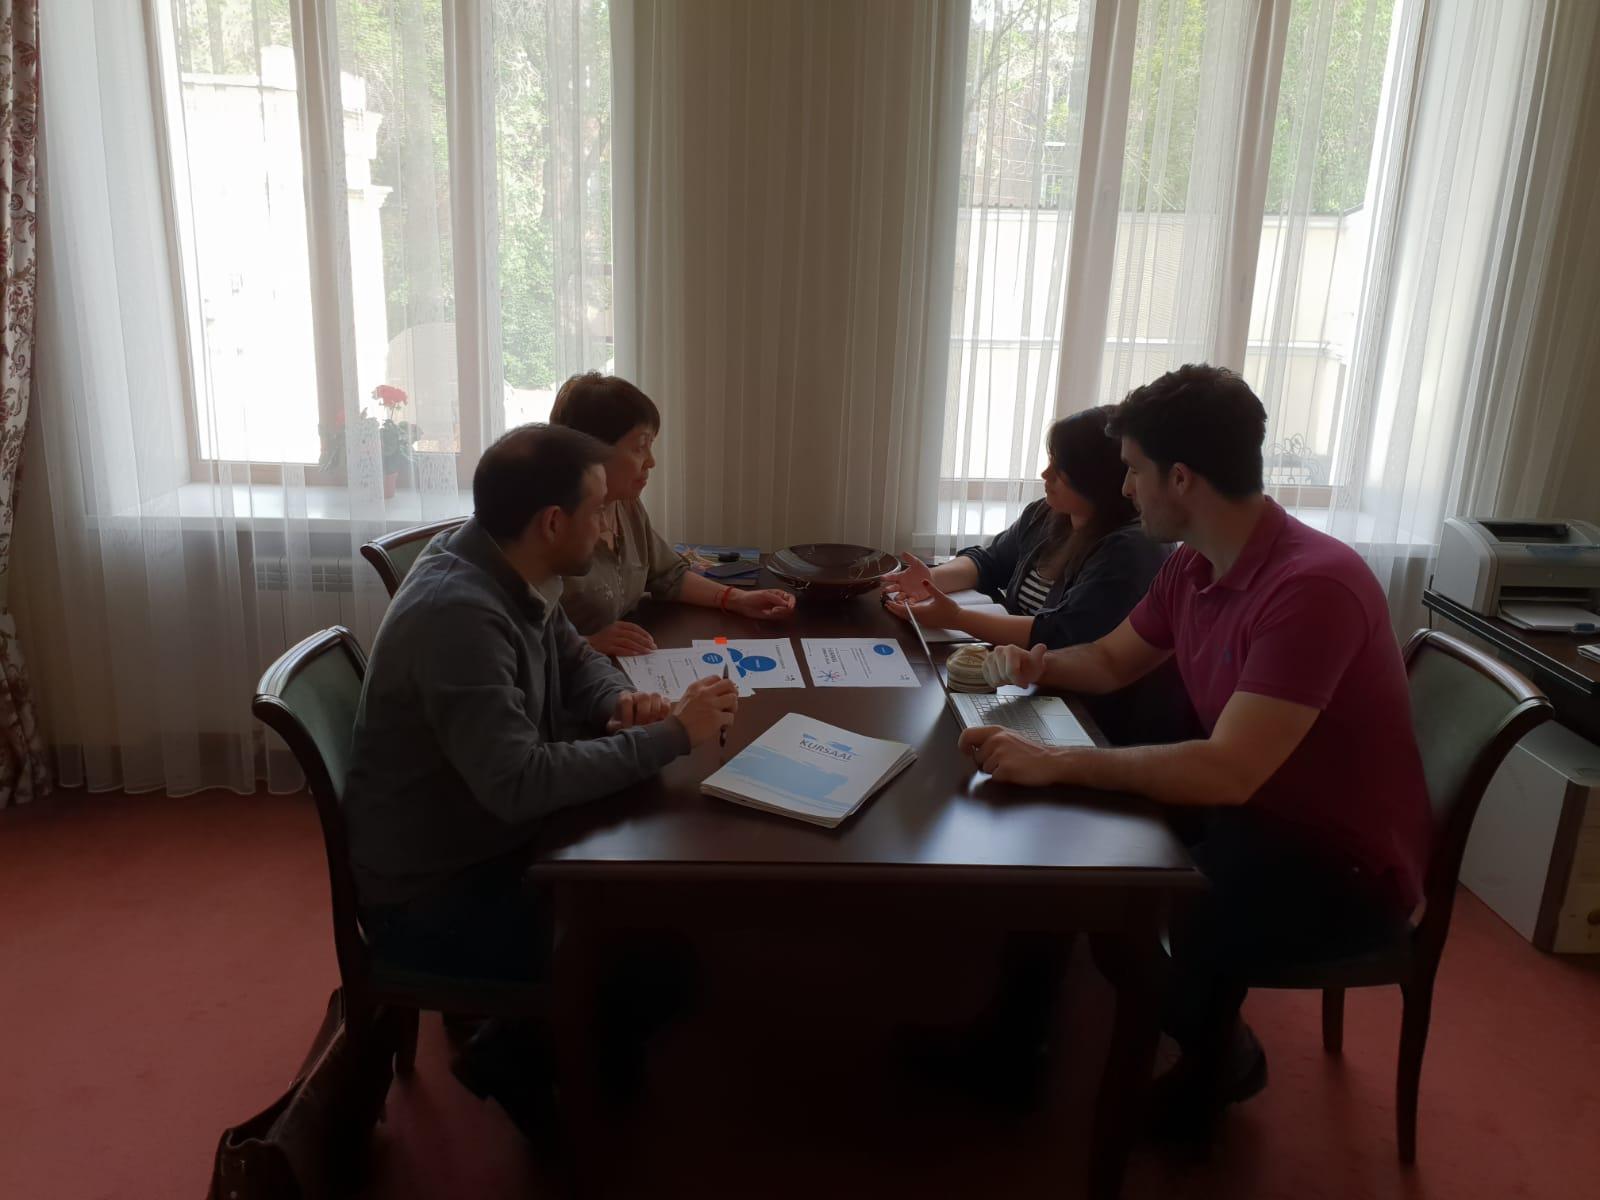 imagen 2 de noticia: resumen-de-la-misin-a-kazajistn-organizada-por-eraikune-en-la-que-hemos-participado